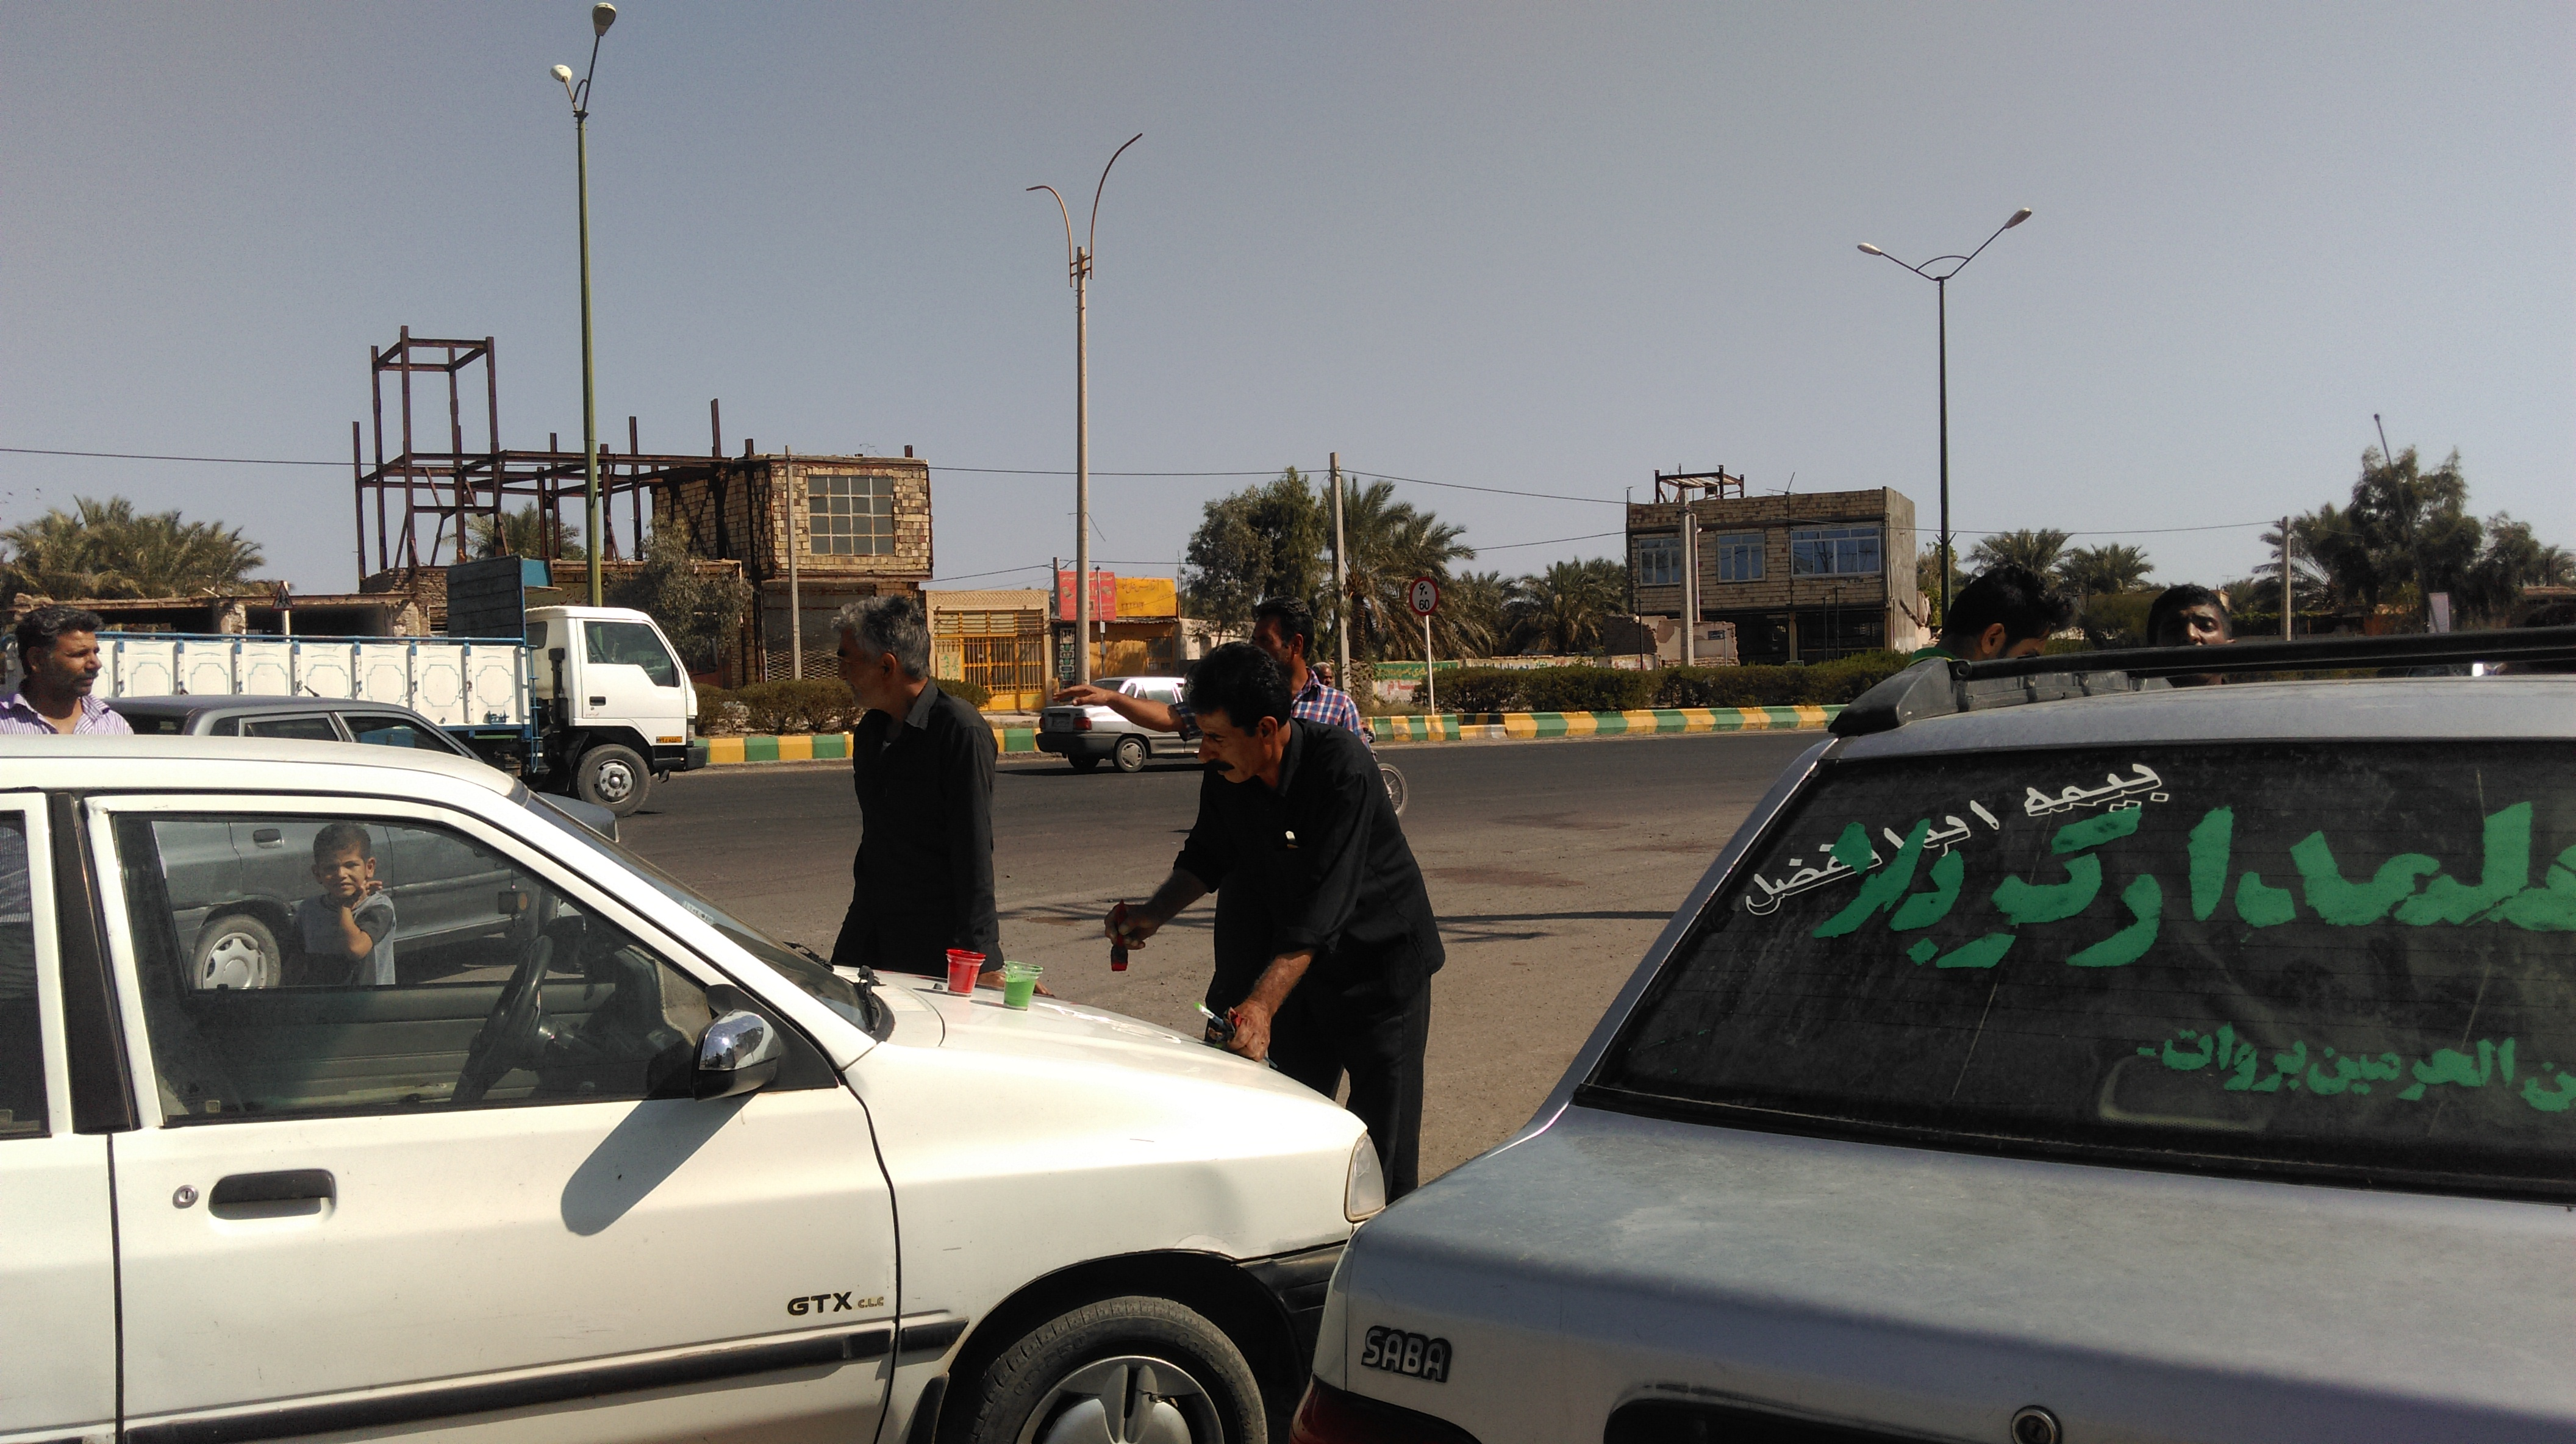 عکس ماشین نویسی هیئت بین الحرمین بروات .خیابان اصلی بم وزاهدان (فلکه اصلی)